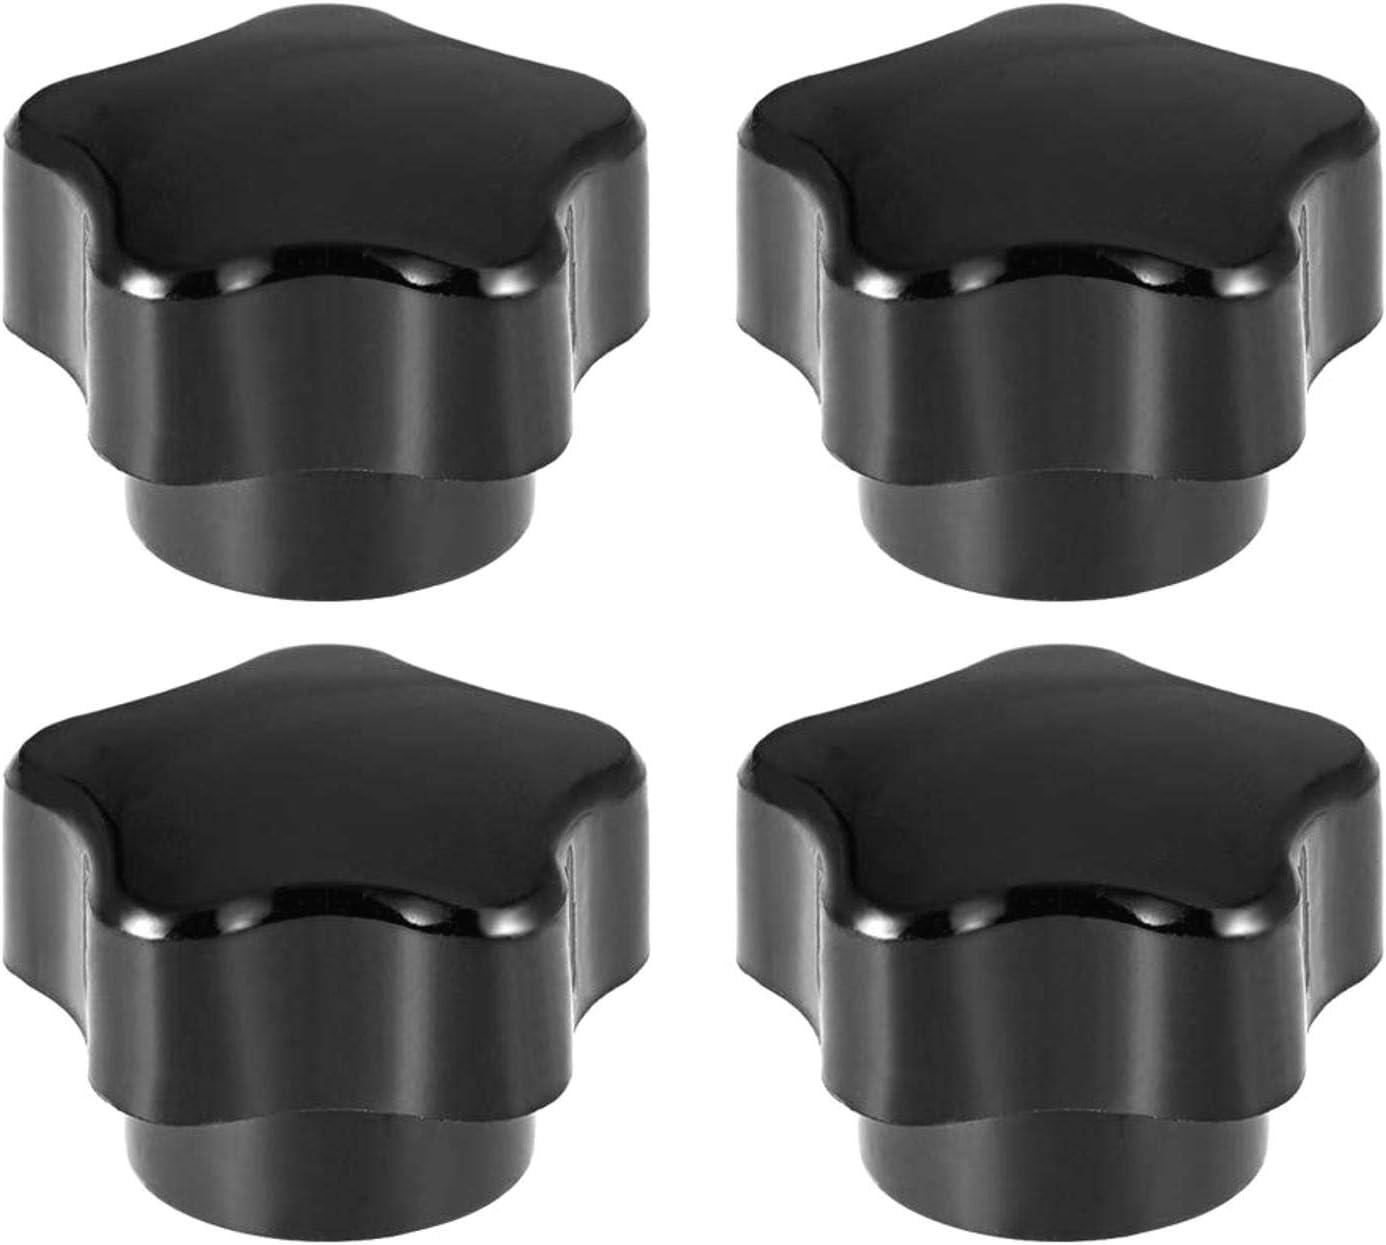 schwarz BERYLX Sterngriffe Griff M5 Durchmesser Messingeinsatz Innengewinde 4er-Set